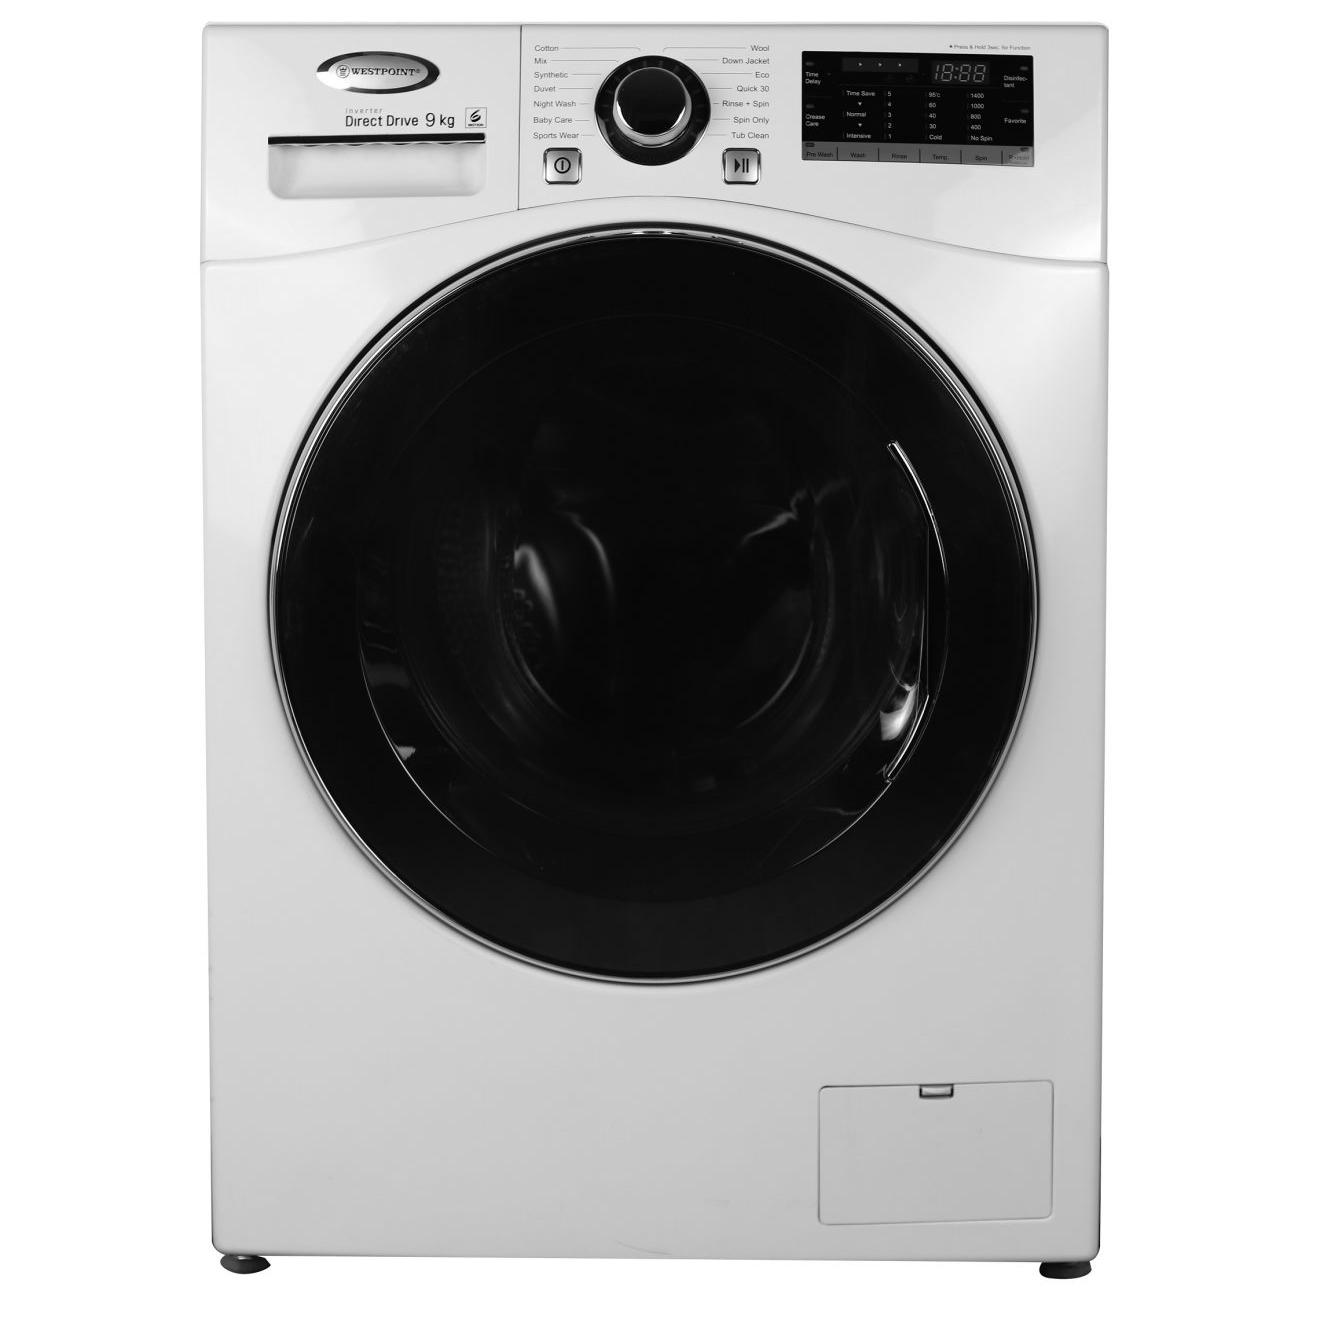 خرید ماشین لباسشویی وست پوینت مدل WMX-91419EC ظرفیت ۹ کیلوگرم